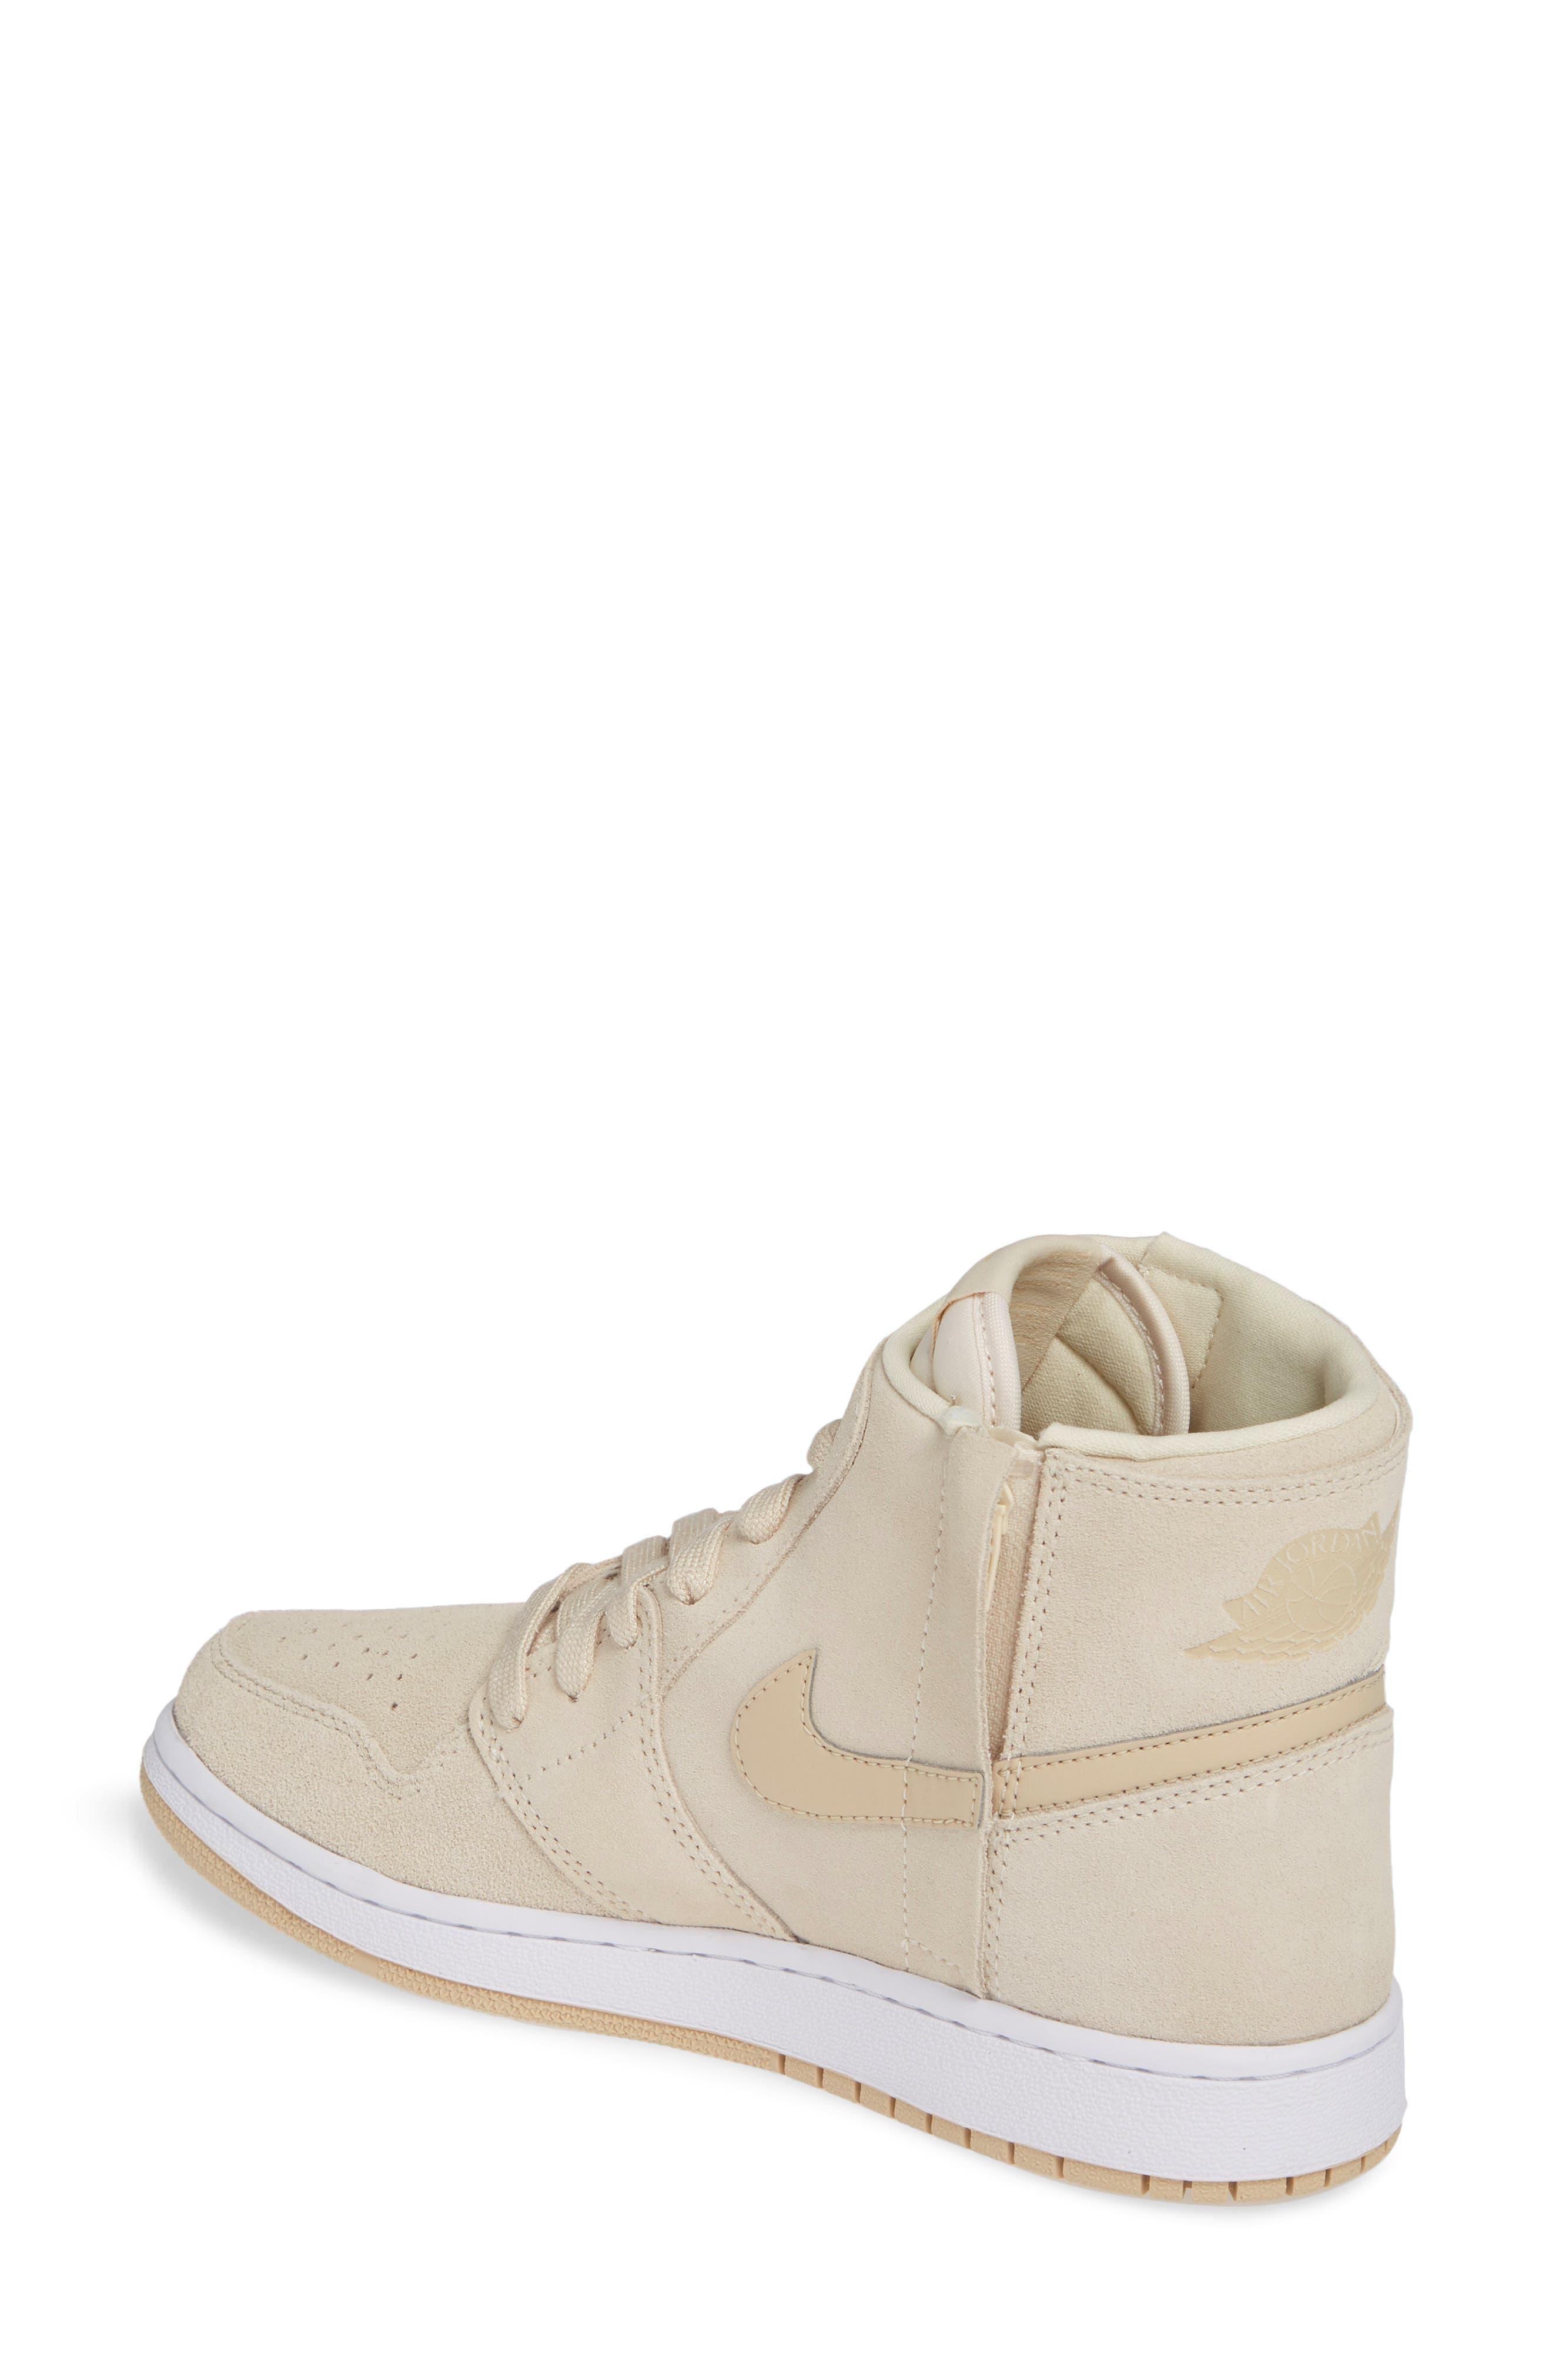 NIKE, Air Jordan 1 Rebel XX High Top Sneaker, Alternate thumbnail 2, color, LIGHT CREAM/ DESERT ORE/ WHITE